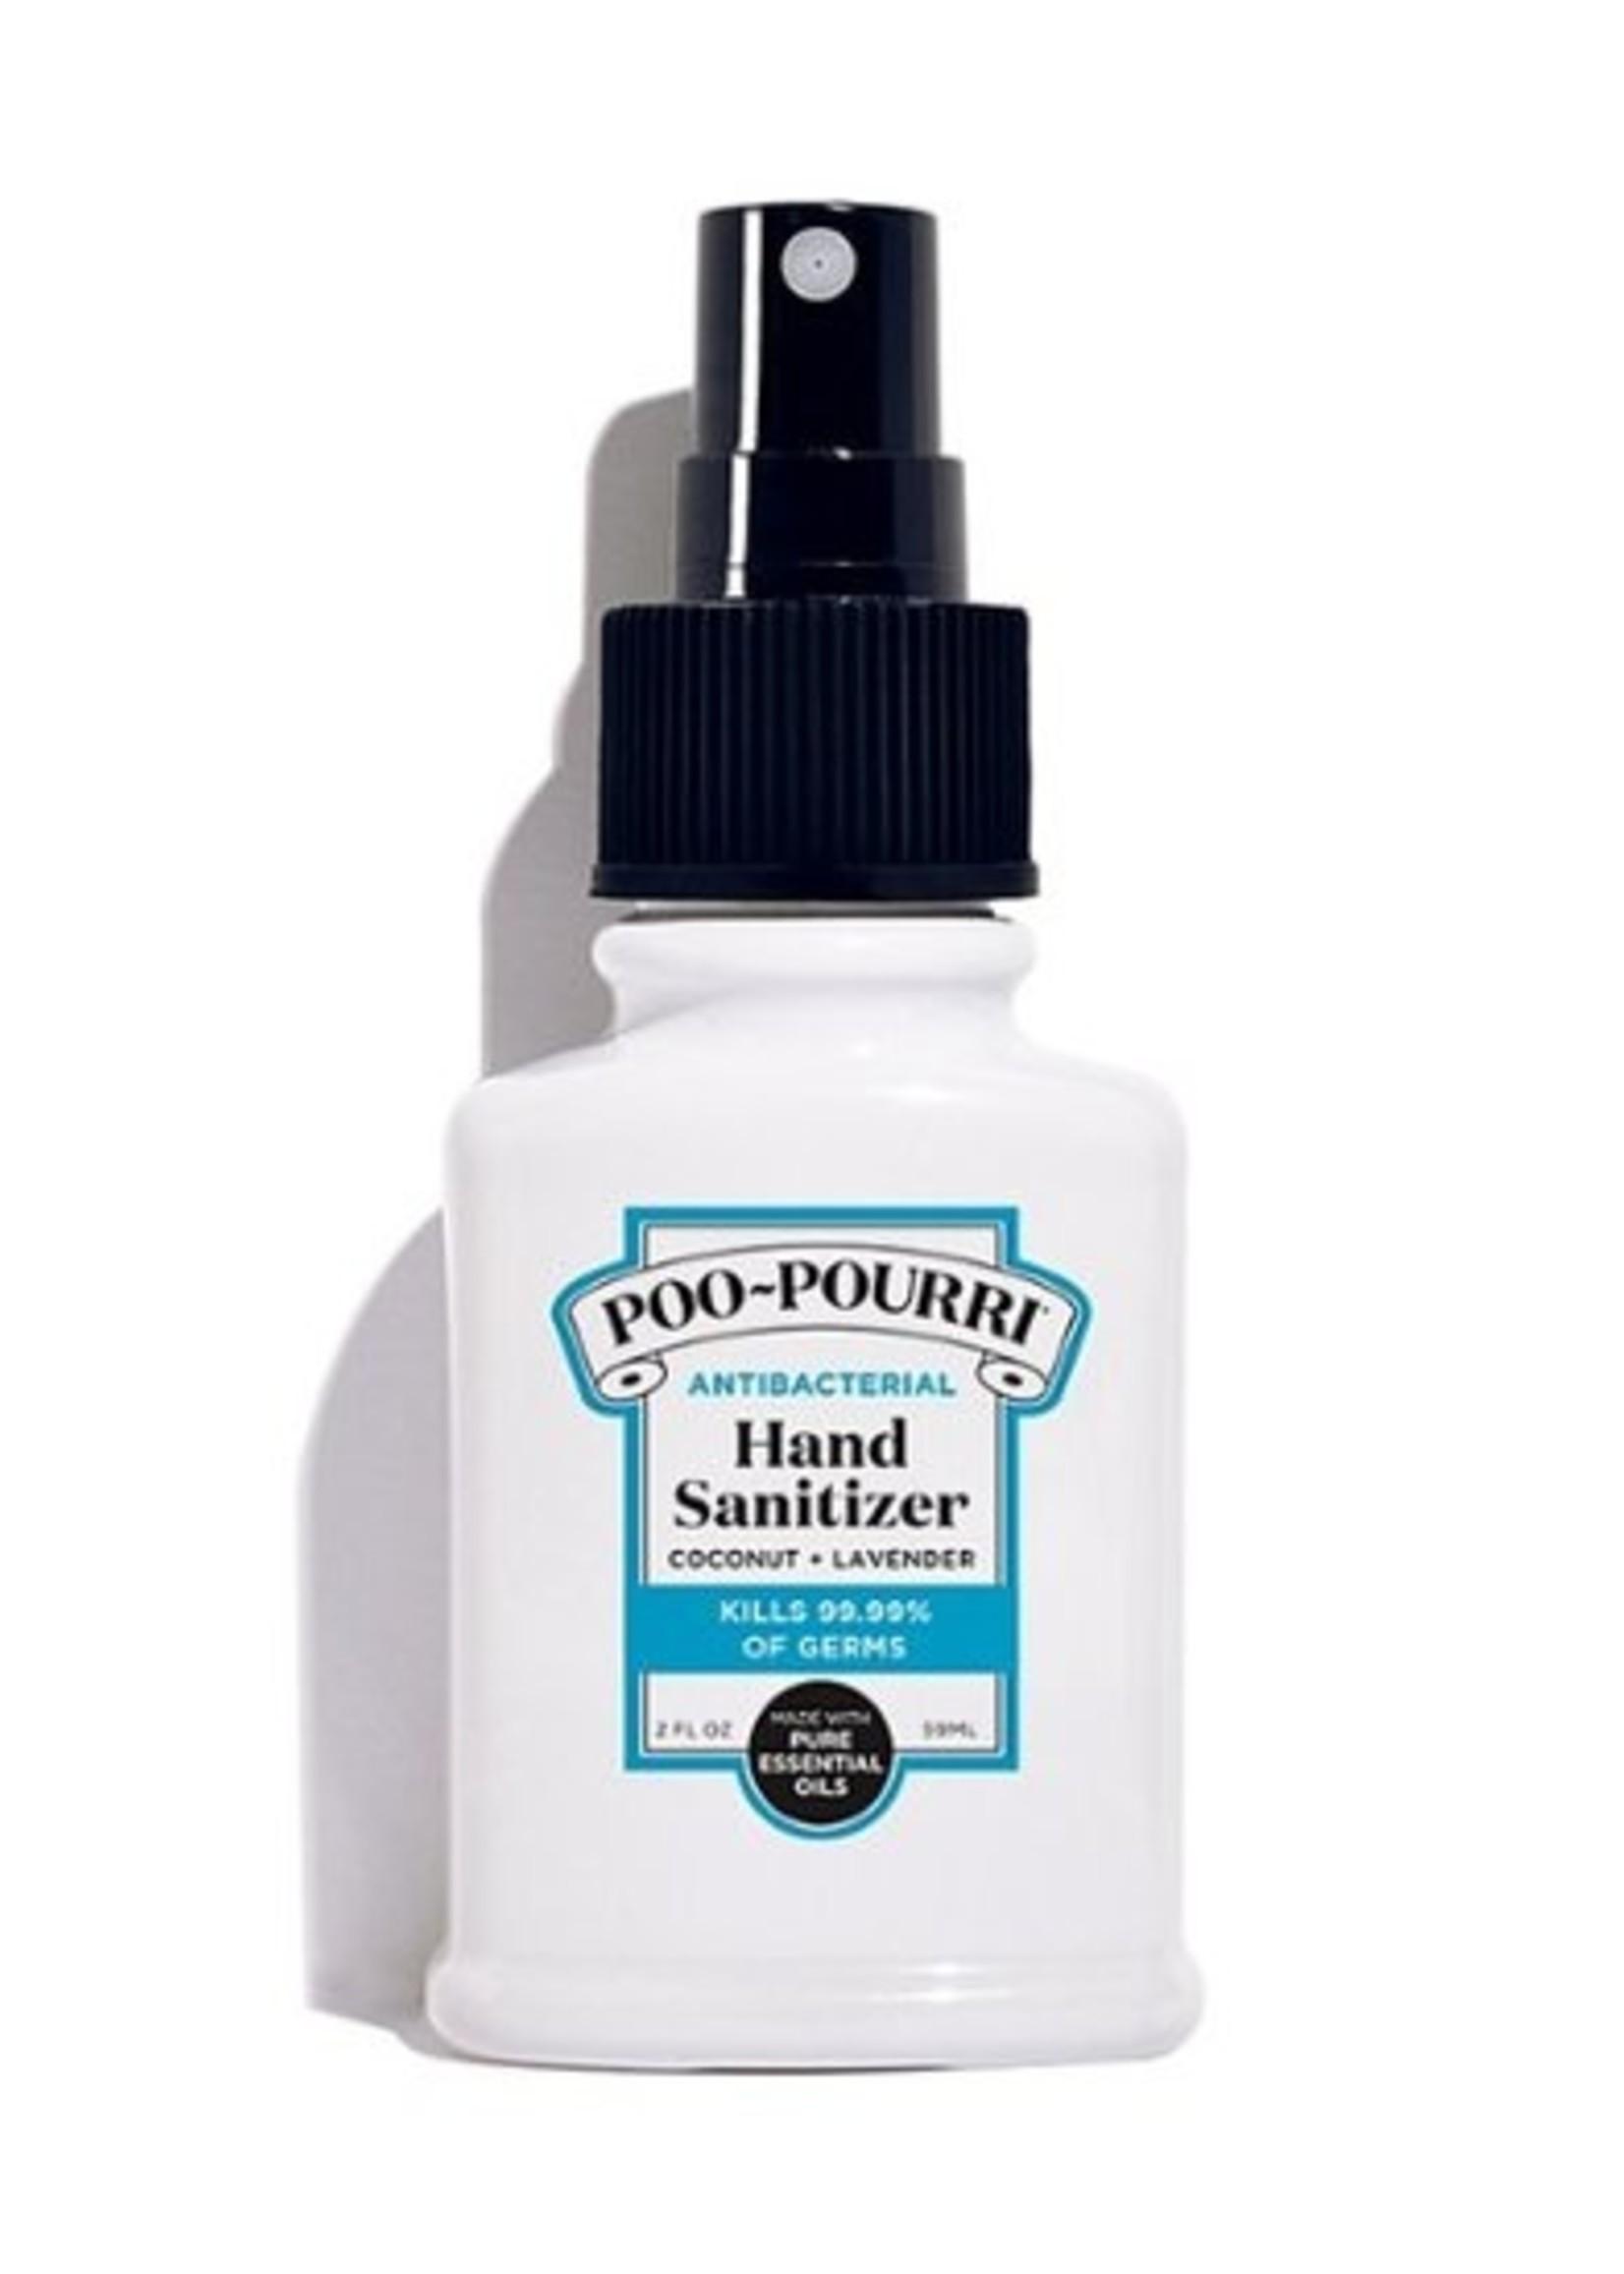 Poo-Pourri Poo-Pourri Hand Sanitizer 2oz